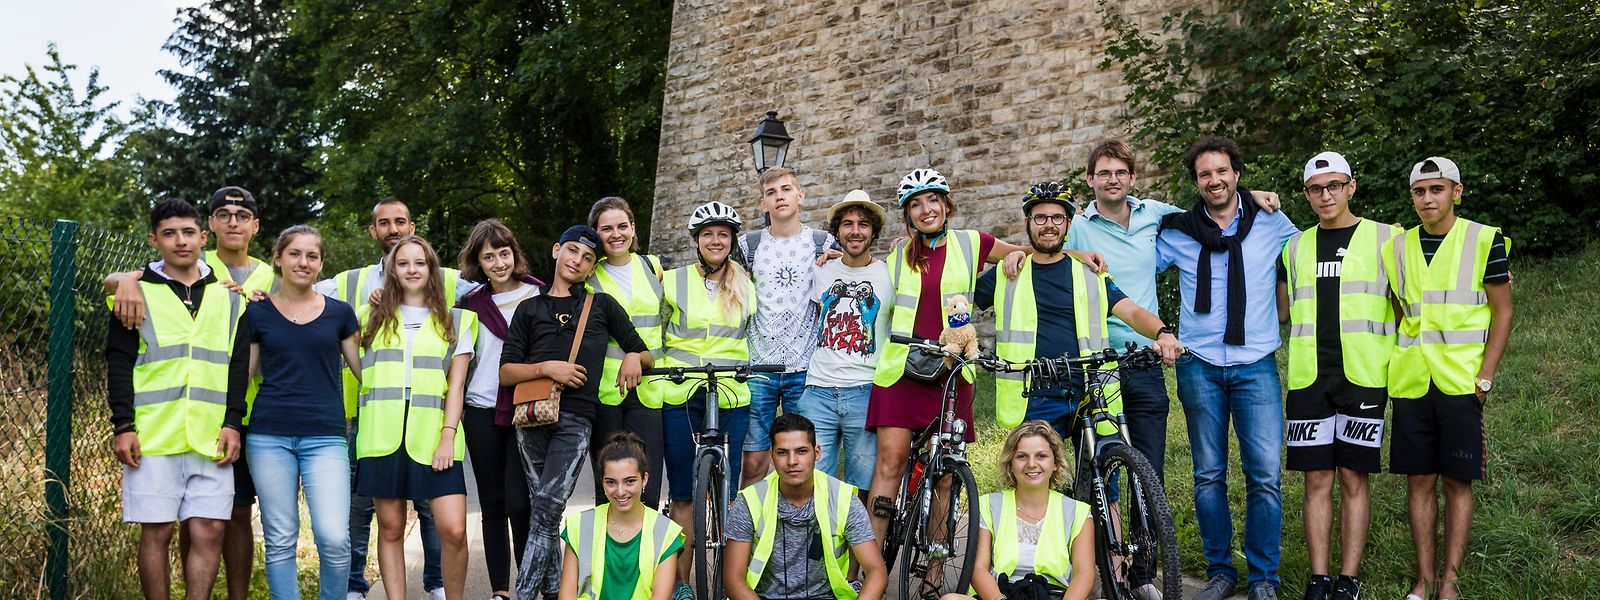 Das Ziel erreicht: Ein Tag nach der Ankunft in Luxemburg-Stadt strahlen die YOUrovelo-Teilnehmer noch immer – auch nach mehr als 185 zurückgelegten Kilometern per Fahrrad.